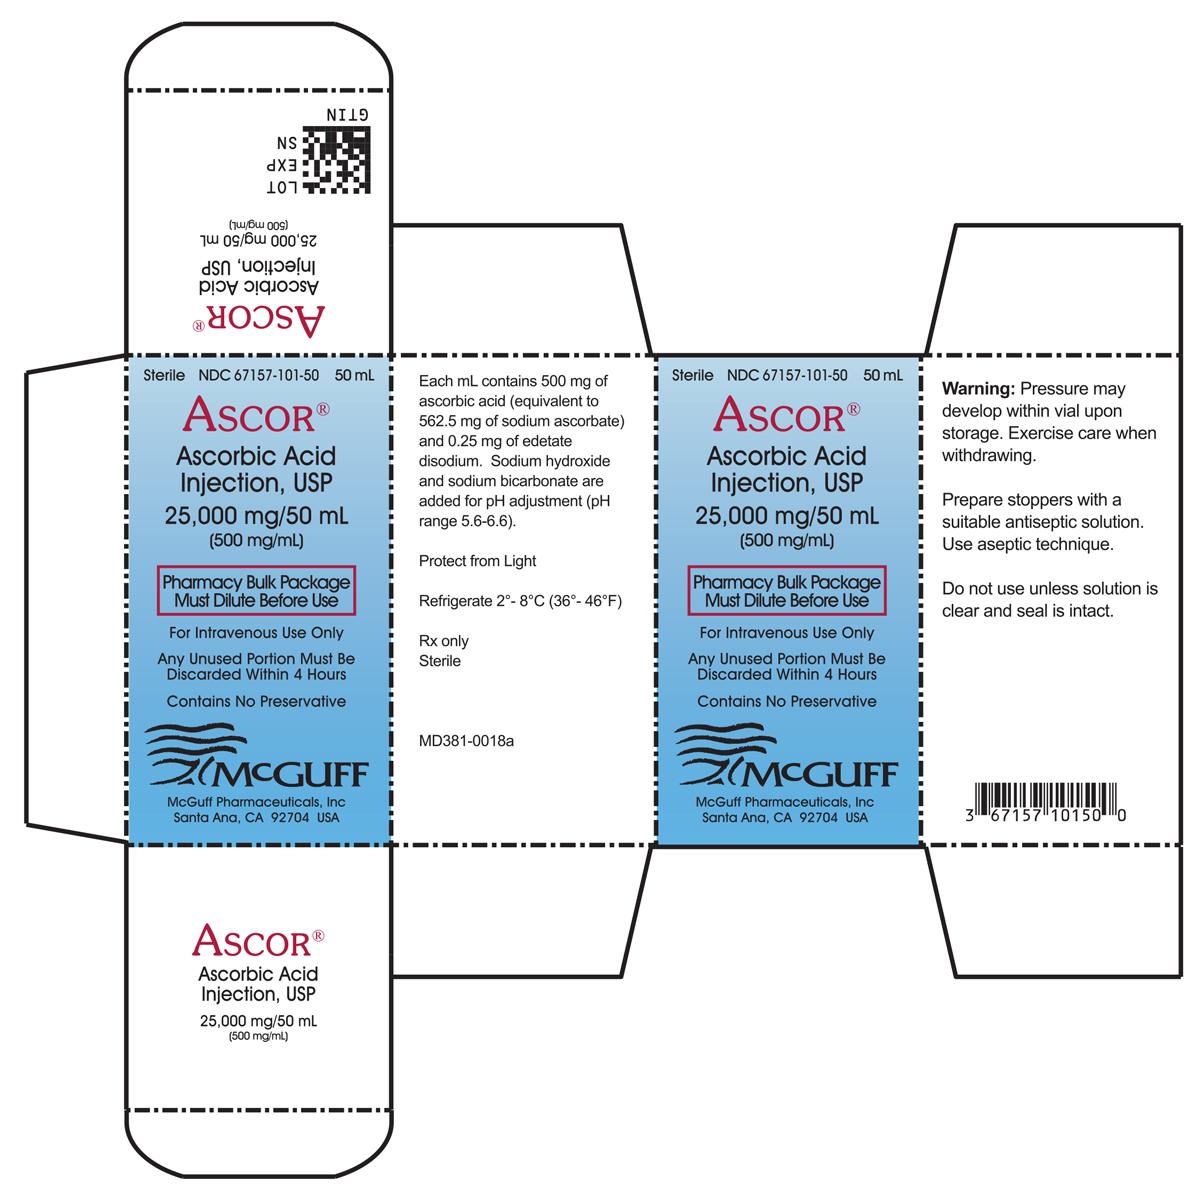 Marketing Material - McGuff Pharmaceuticals, Inc